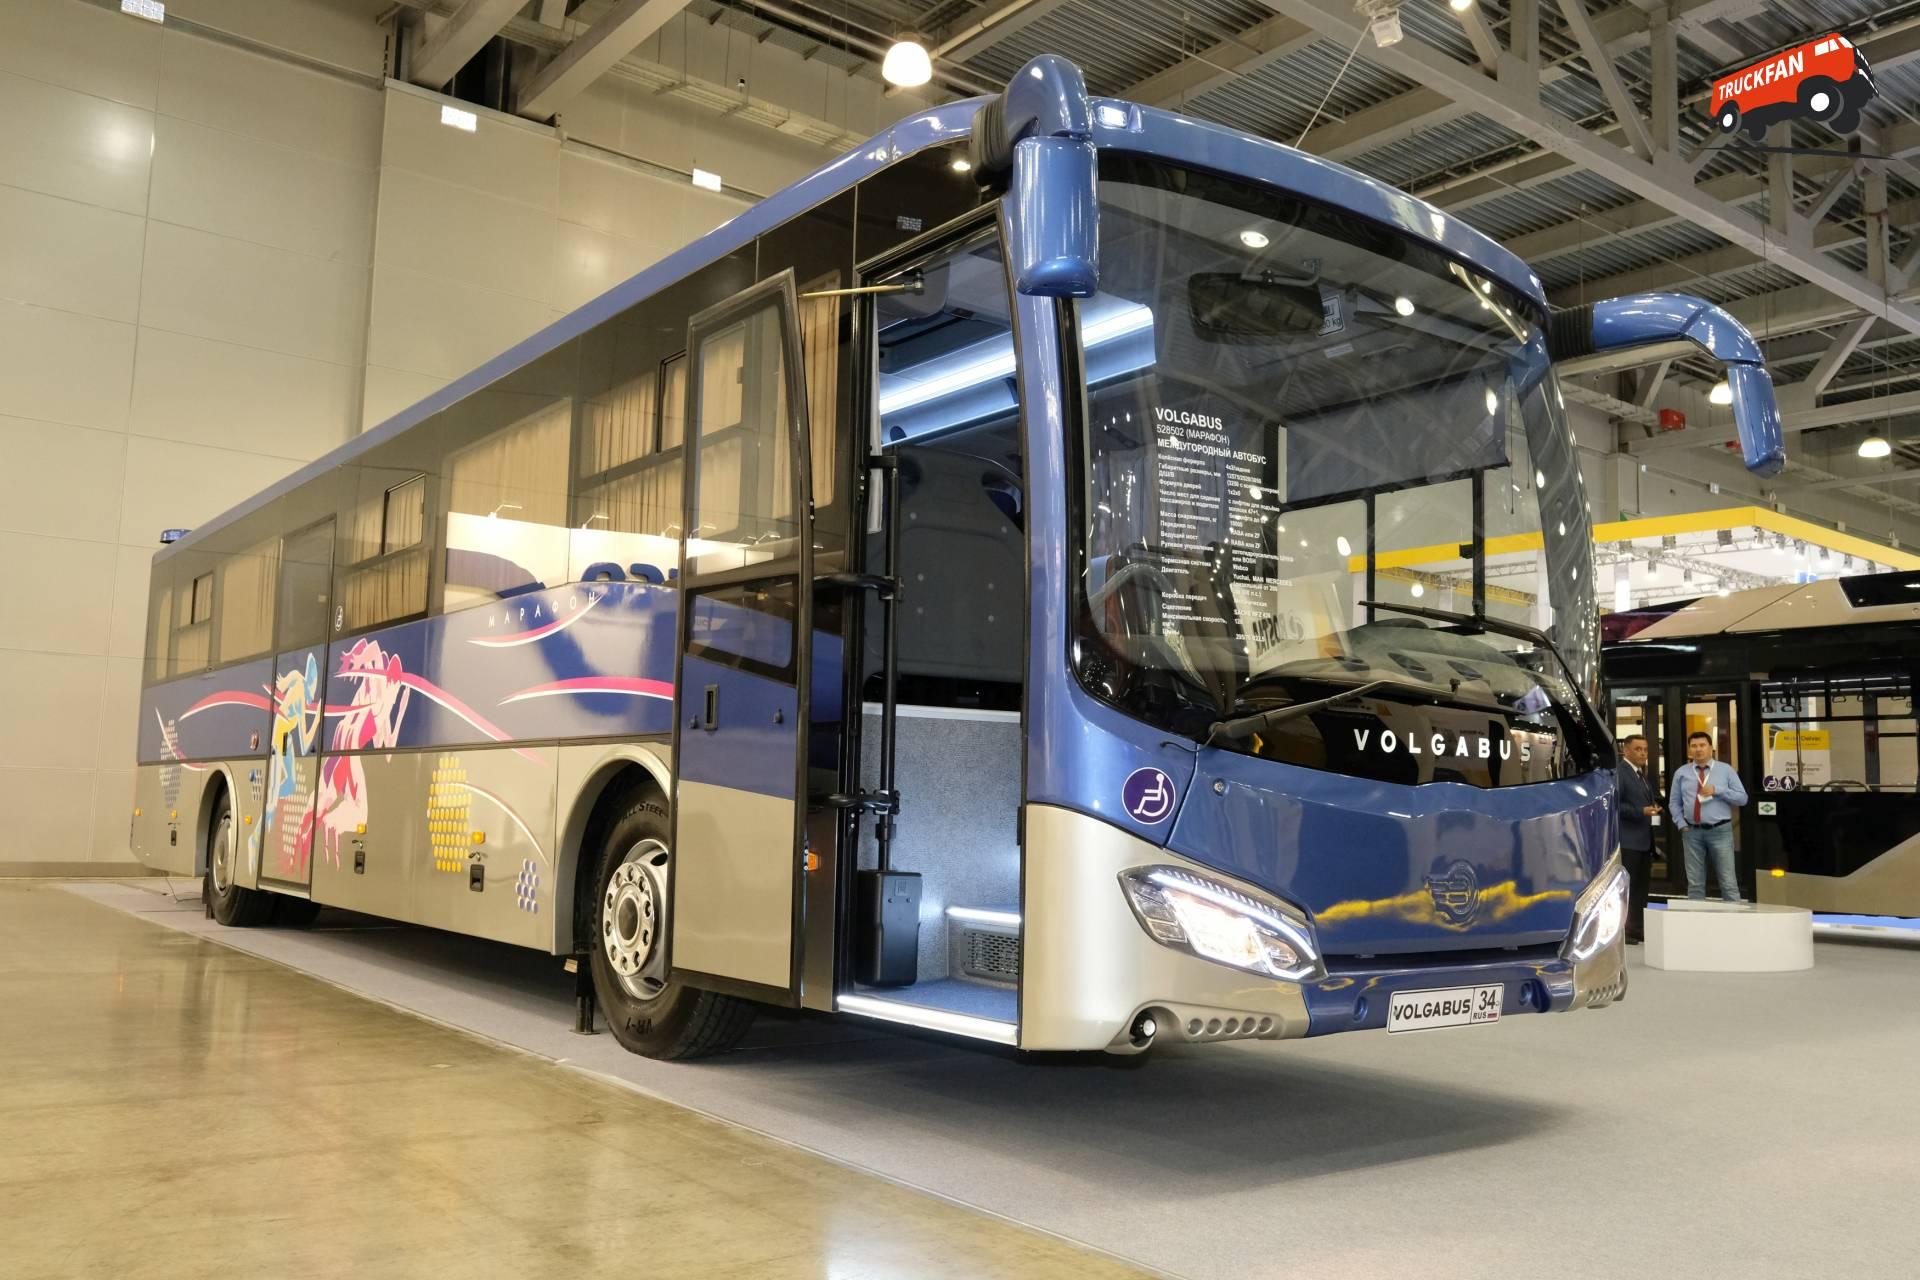 Volgabus bus